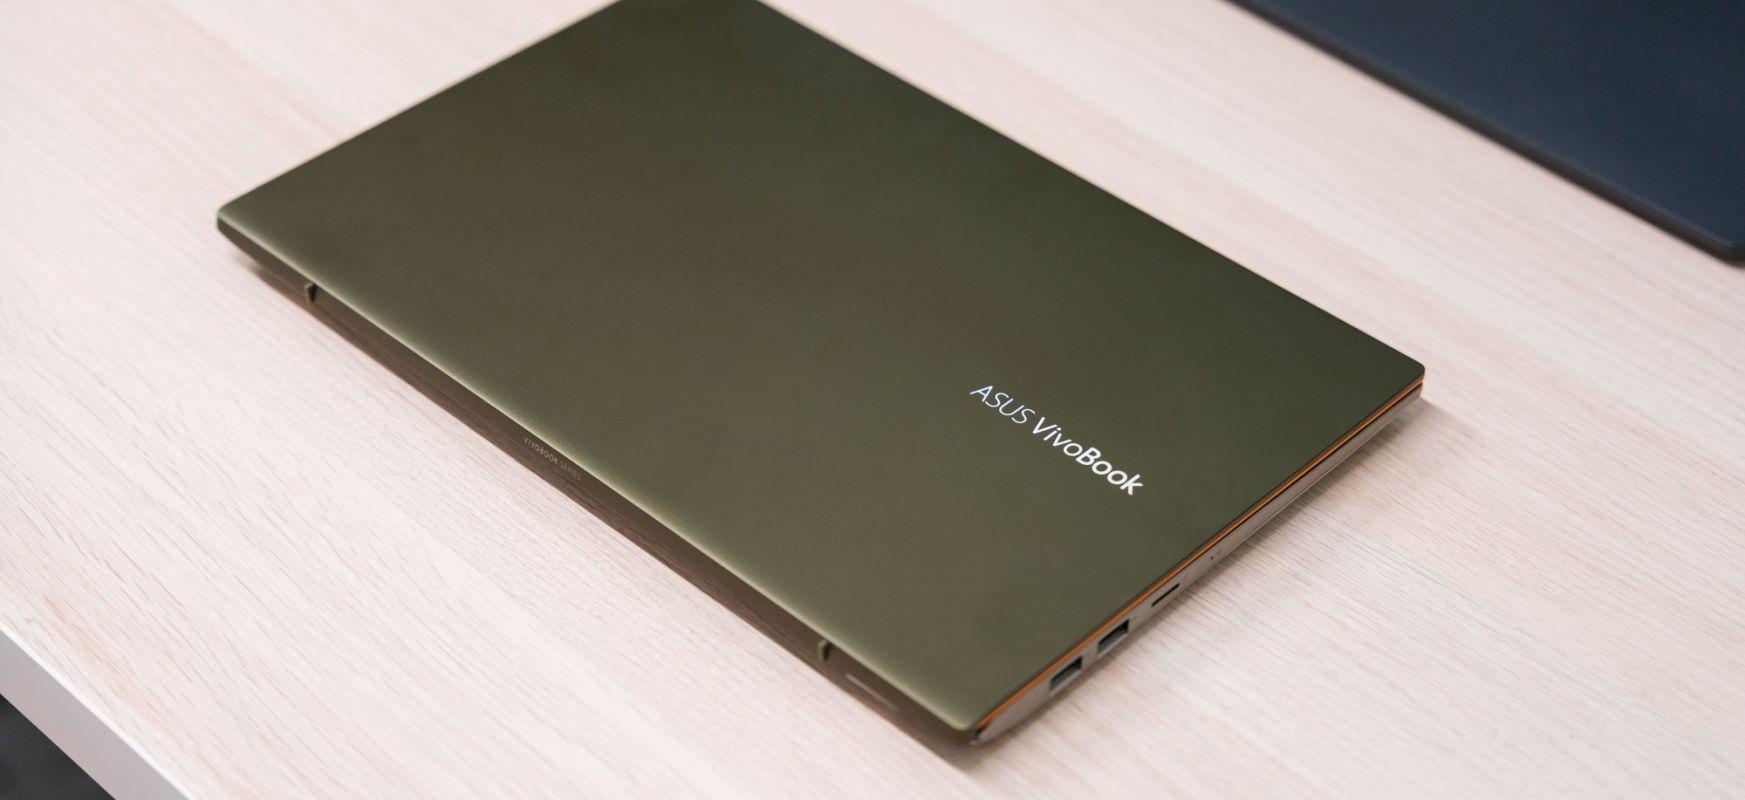 Ez ditu ontasunik botatzen.  Asus VivoBook S14 nor den egiaztatu nuen